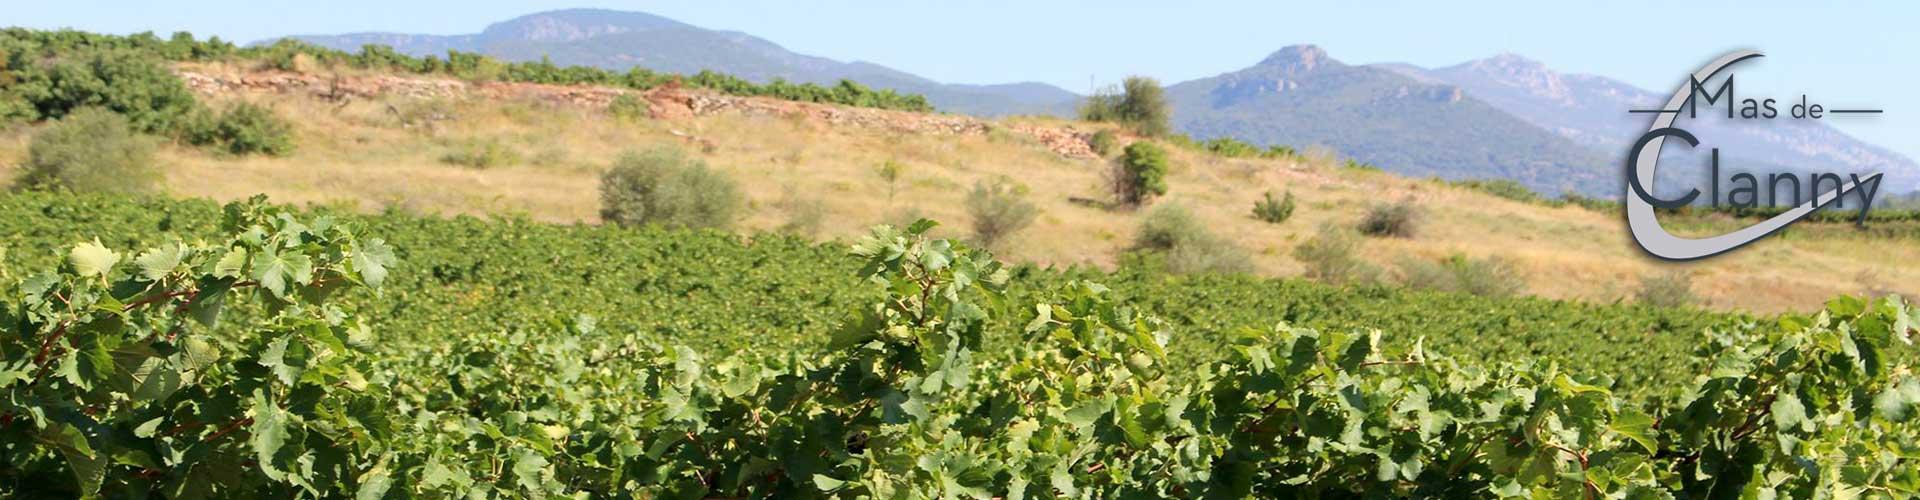 Mas de Clanny, vin bio à Saint Félix de Lodez en Coeur d'Hérault